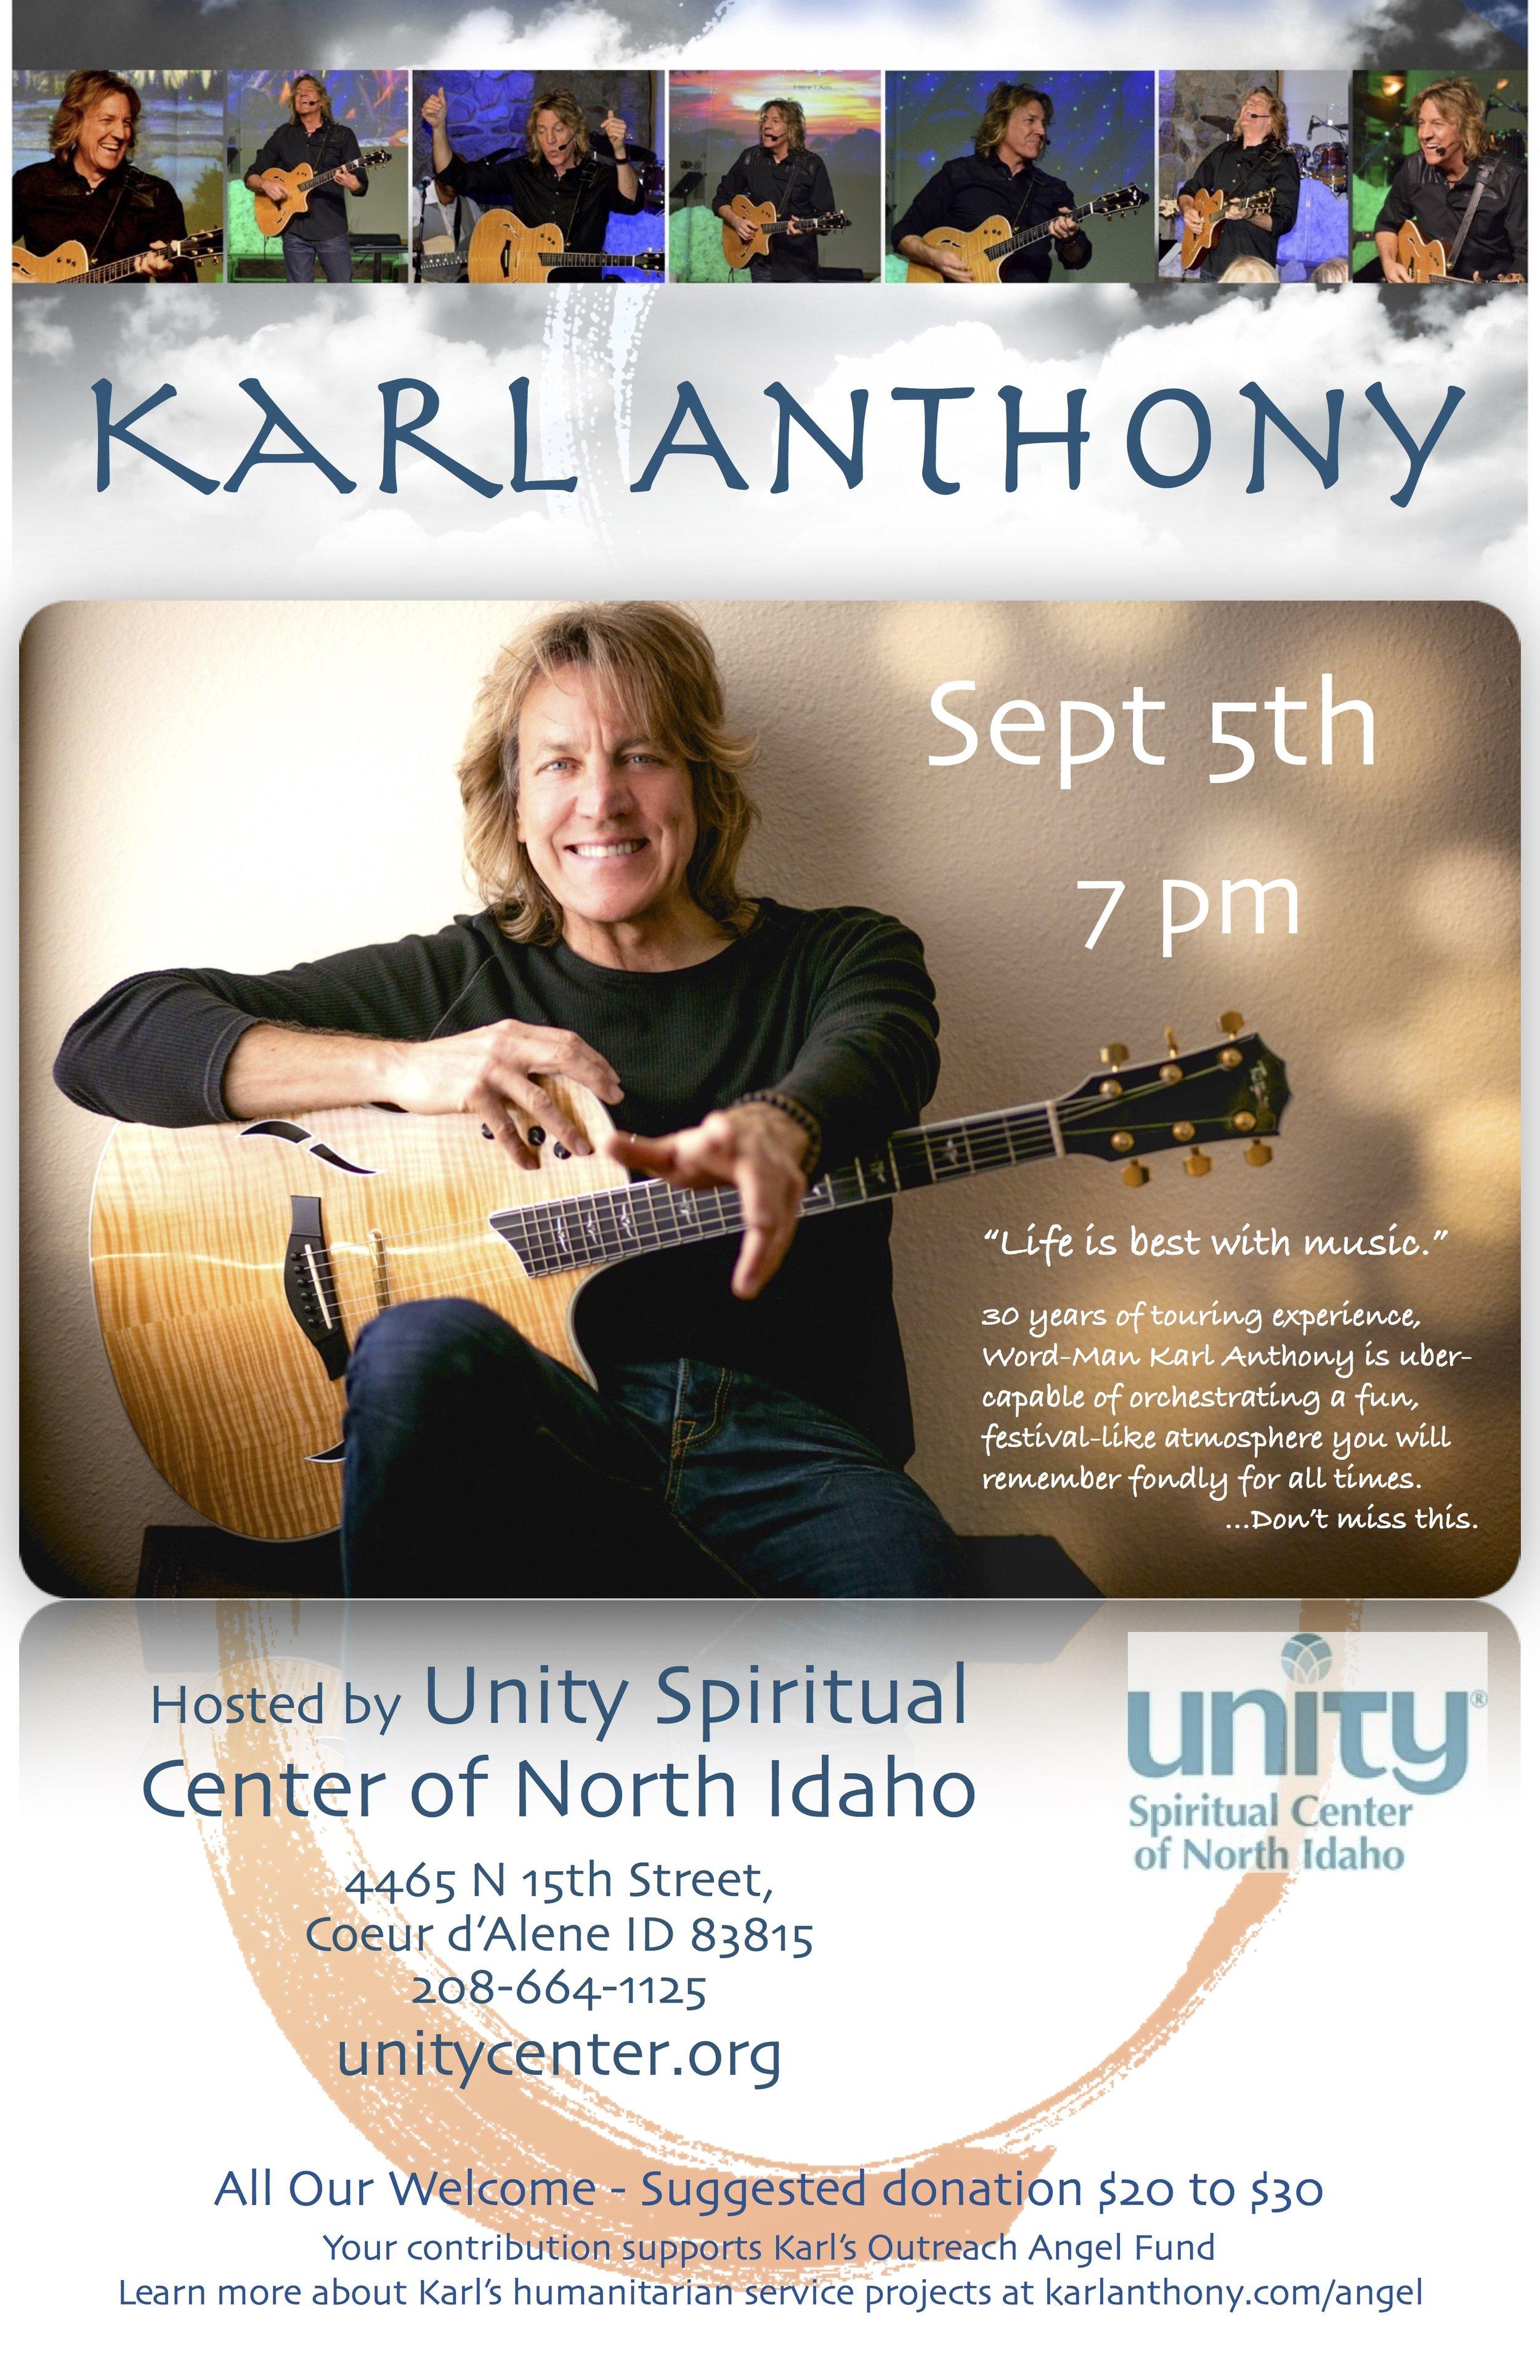 Coeur d'Alene Unity Center - Sep 5.jpg